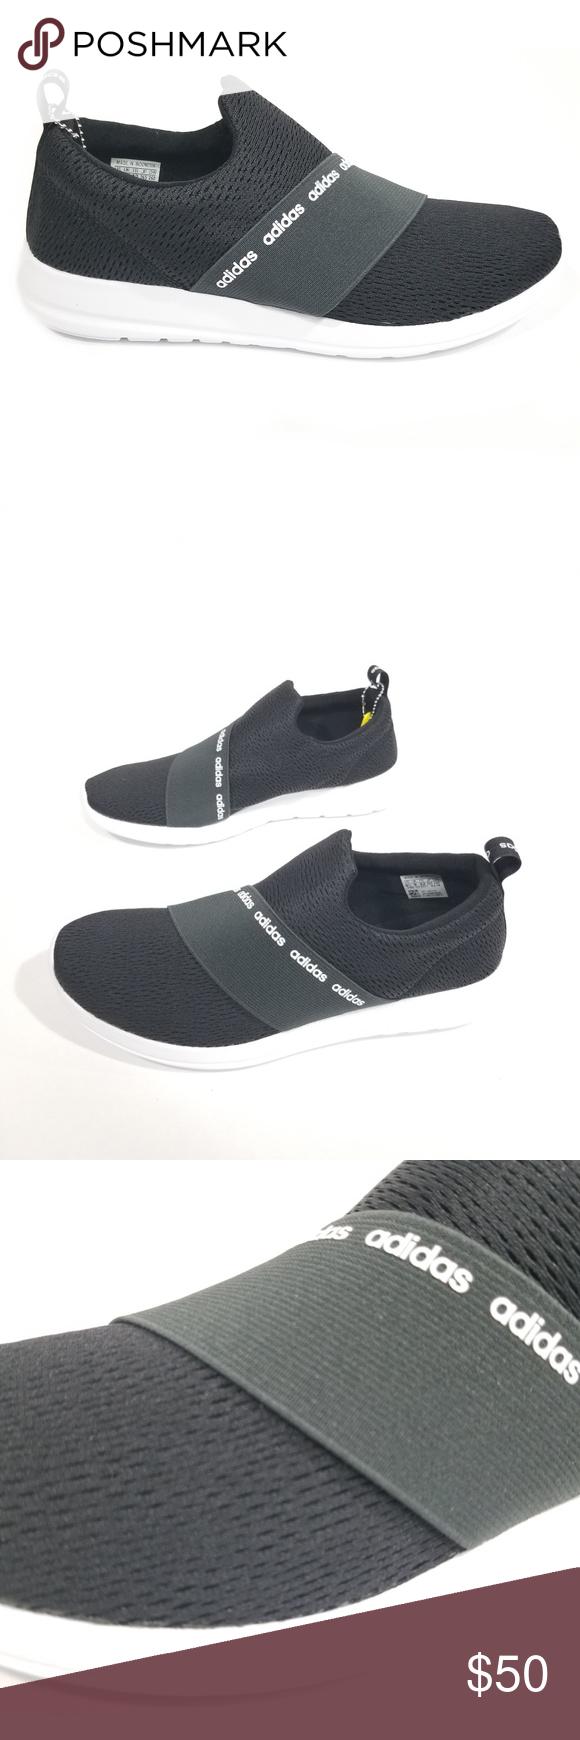 NEW Adidas CloudFoam Refine Adapt Size 9 or 9.5 NWT   Adidas